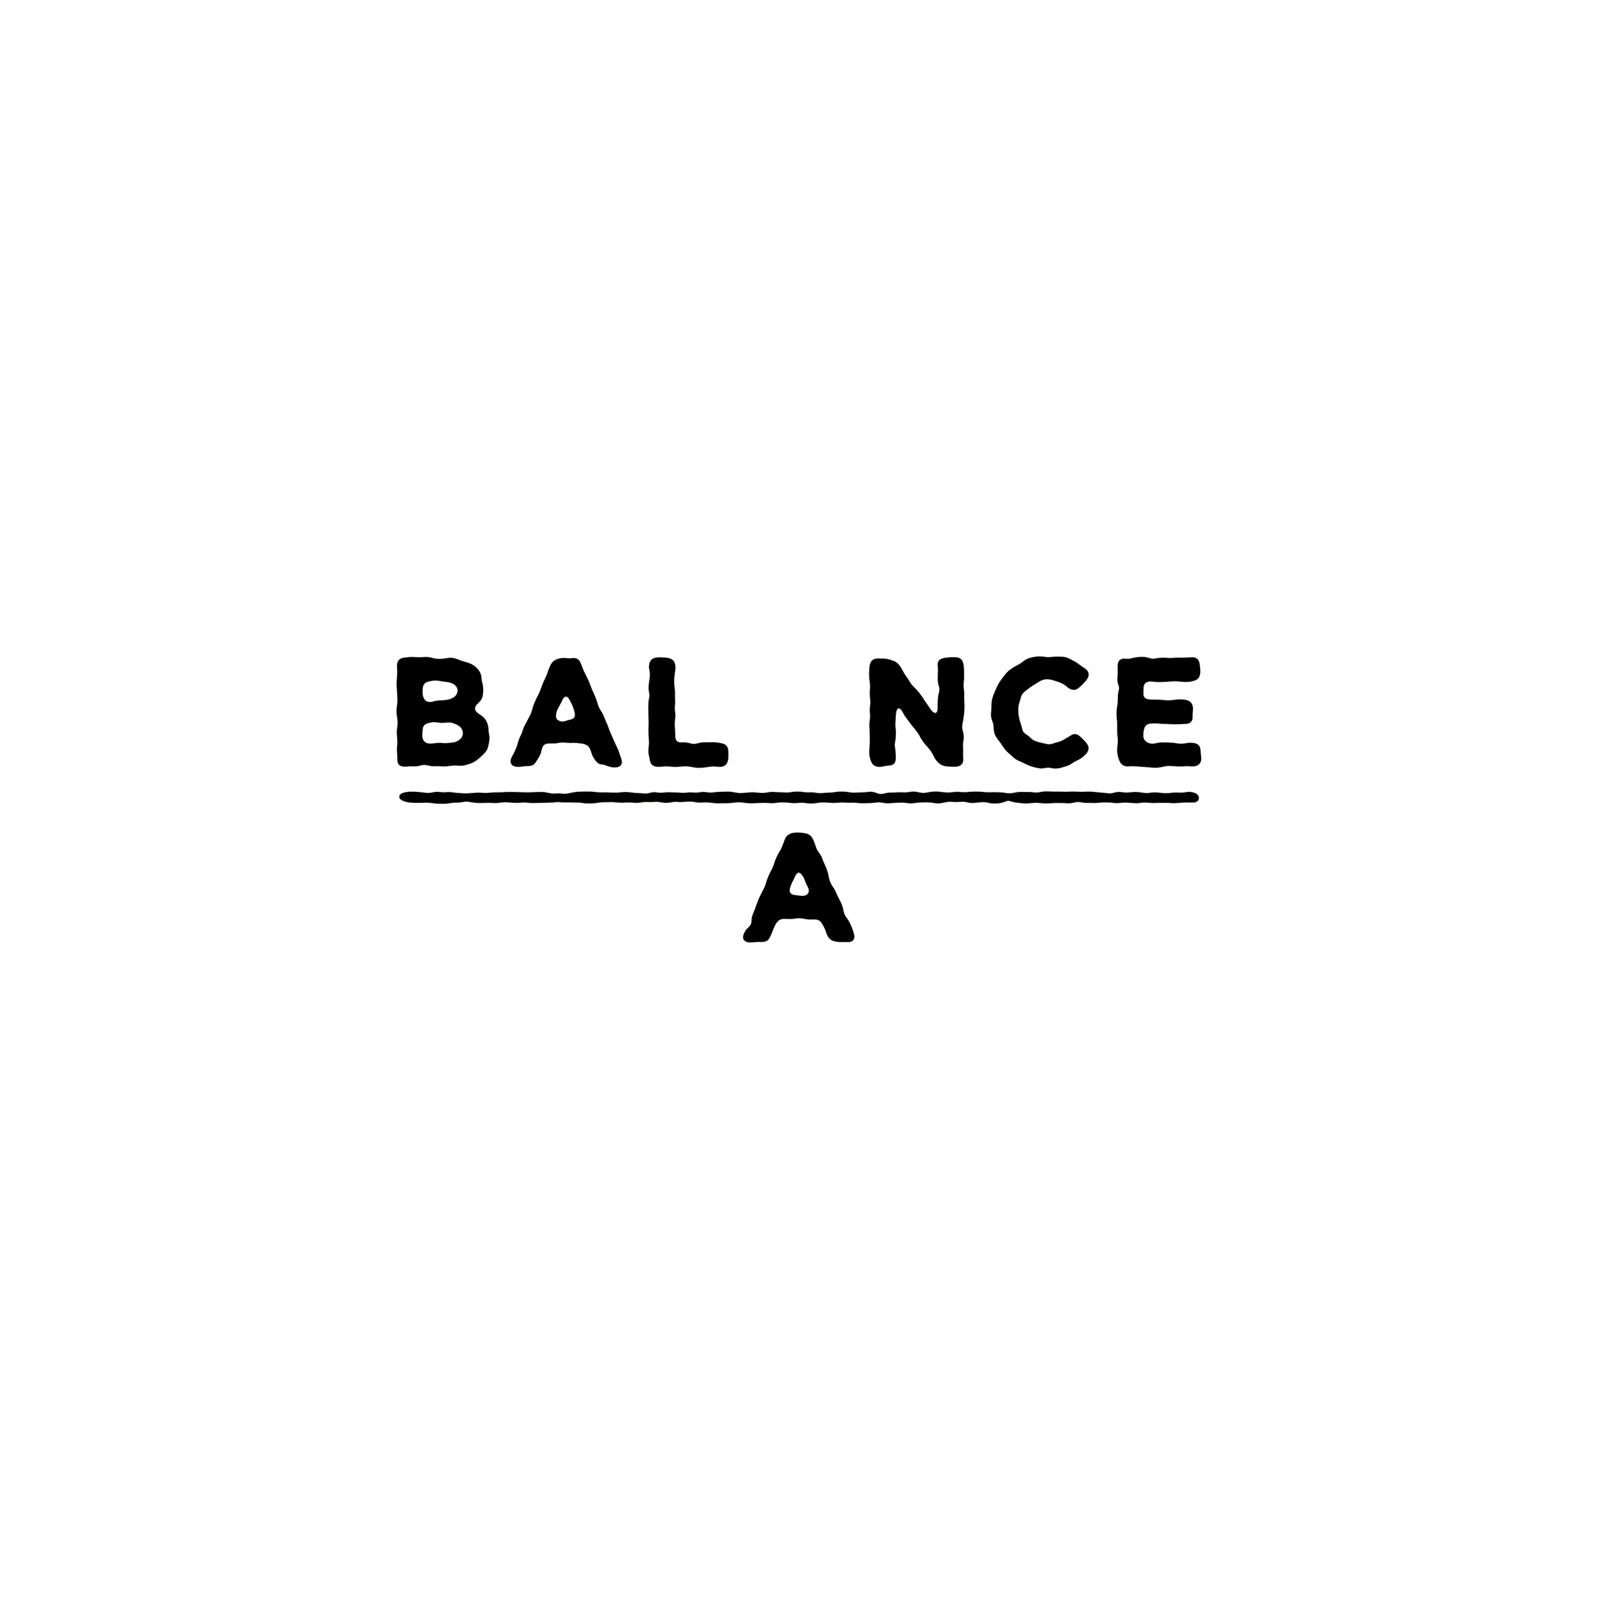 BALANCE - Daren Newman